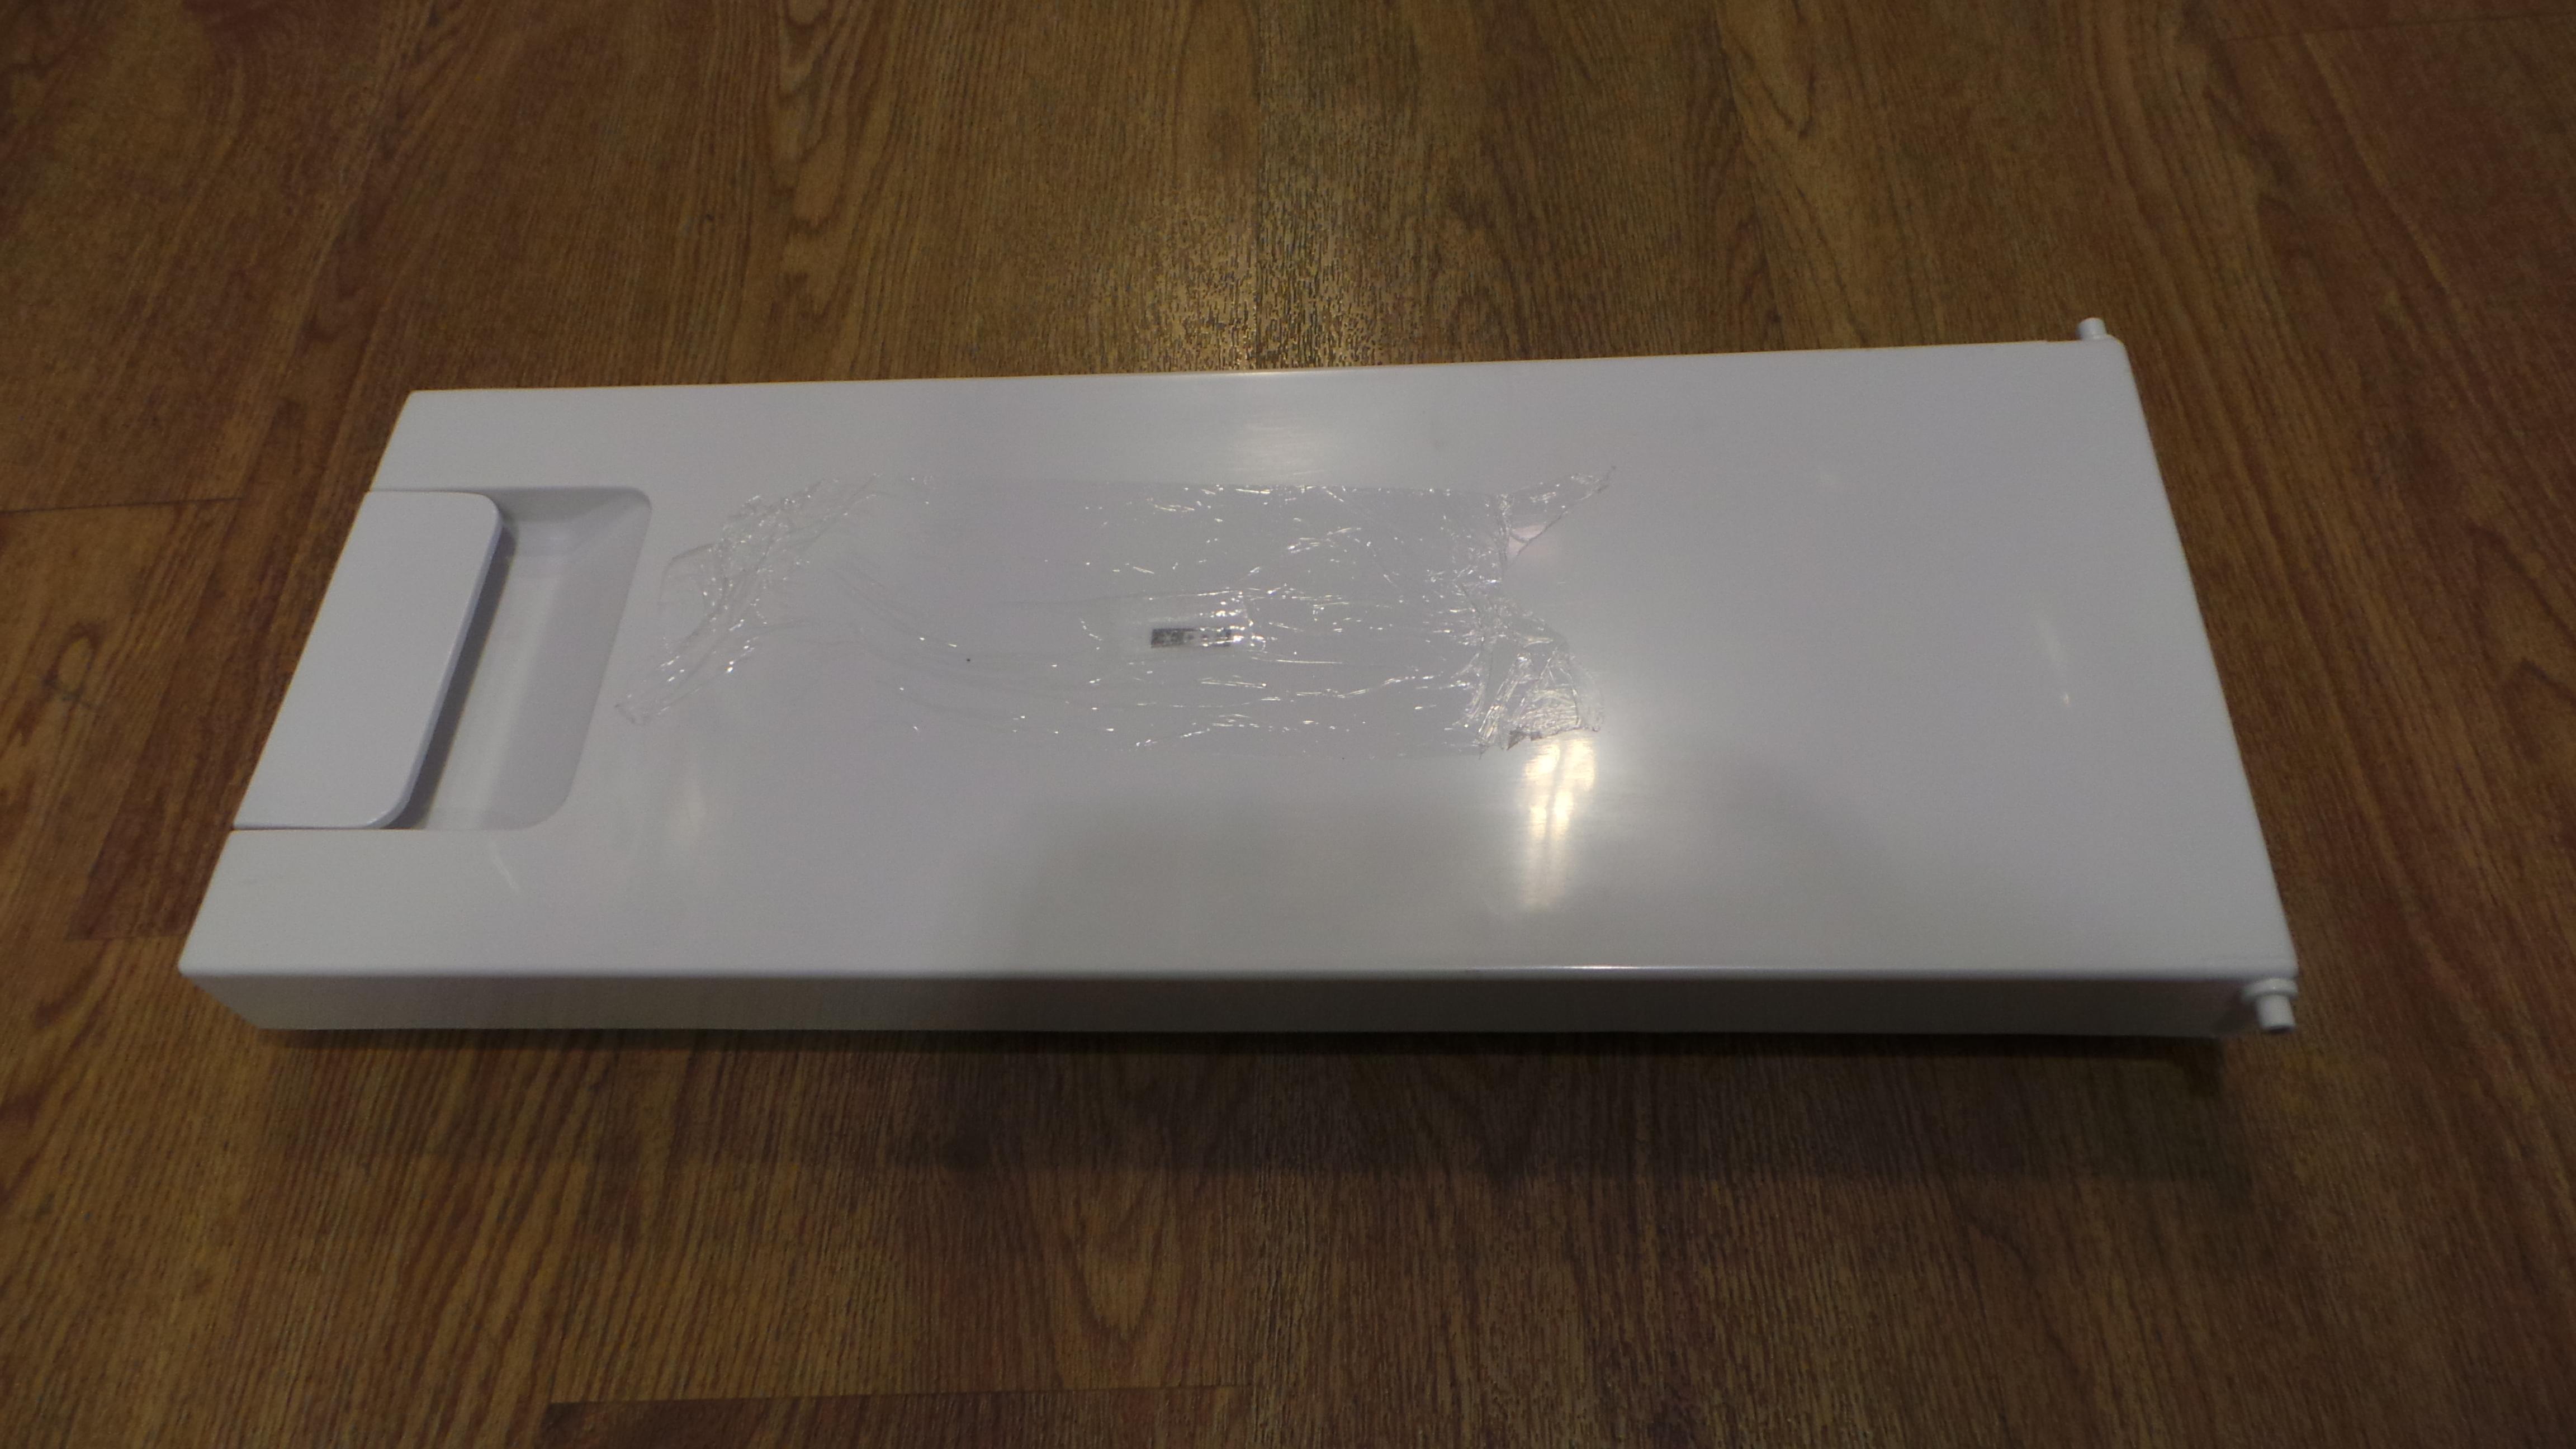 Kühlschrank Ignis Gefrierfachtür : Gefrierfachtür bauknecht für kühlschrank 850125616000 wmt 5500 a w